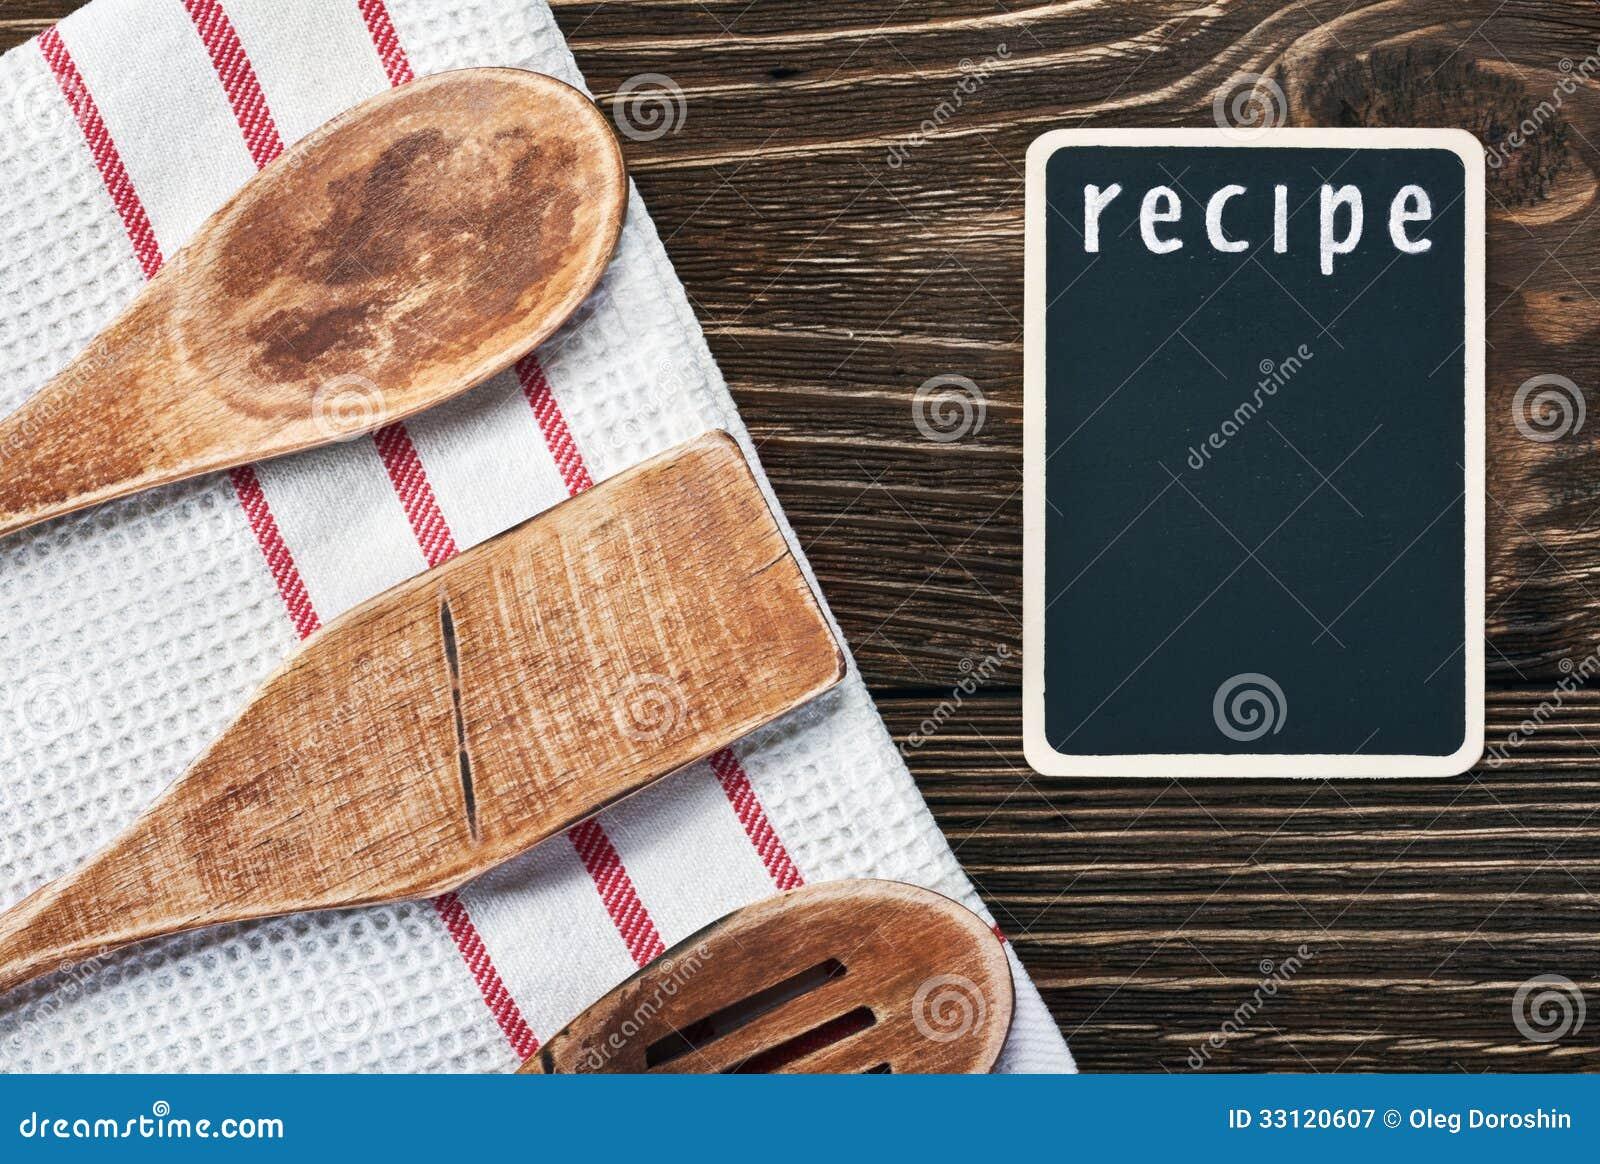 Ustensiles De Cuisine Et Un Tableau Noir Pour Ecrire Une Recette